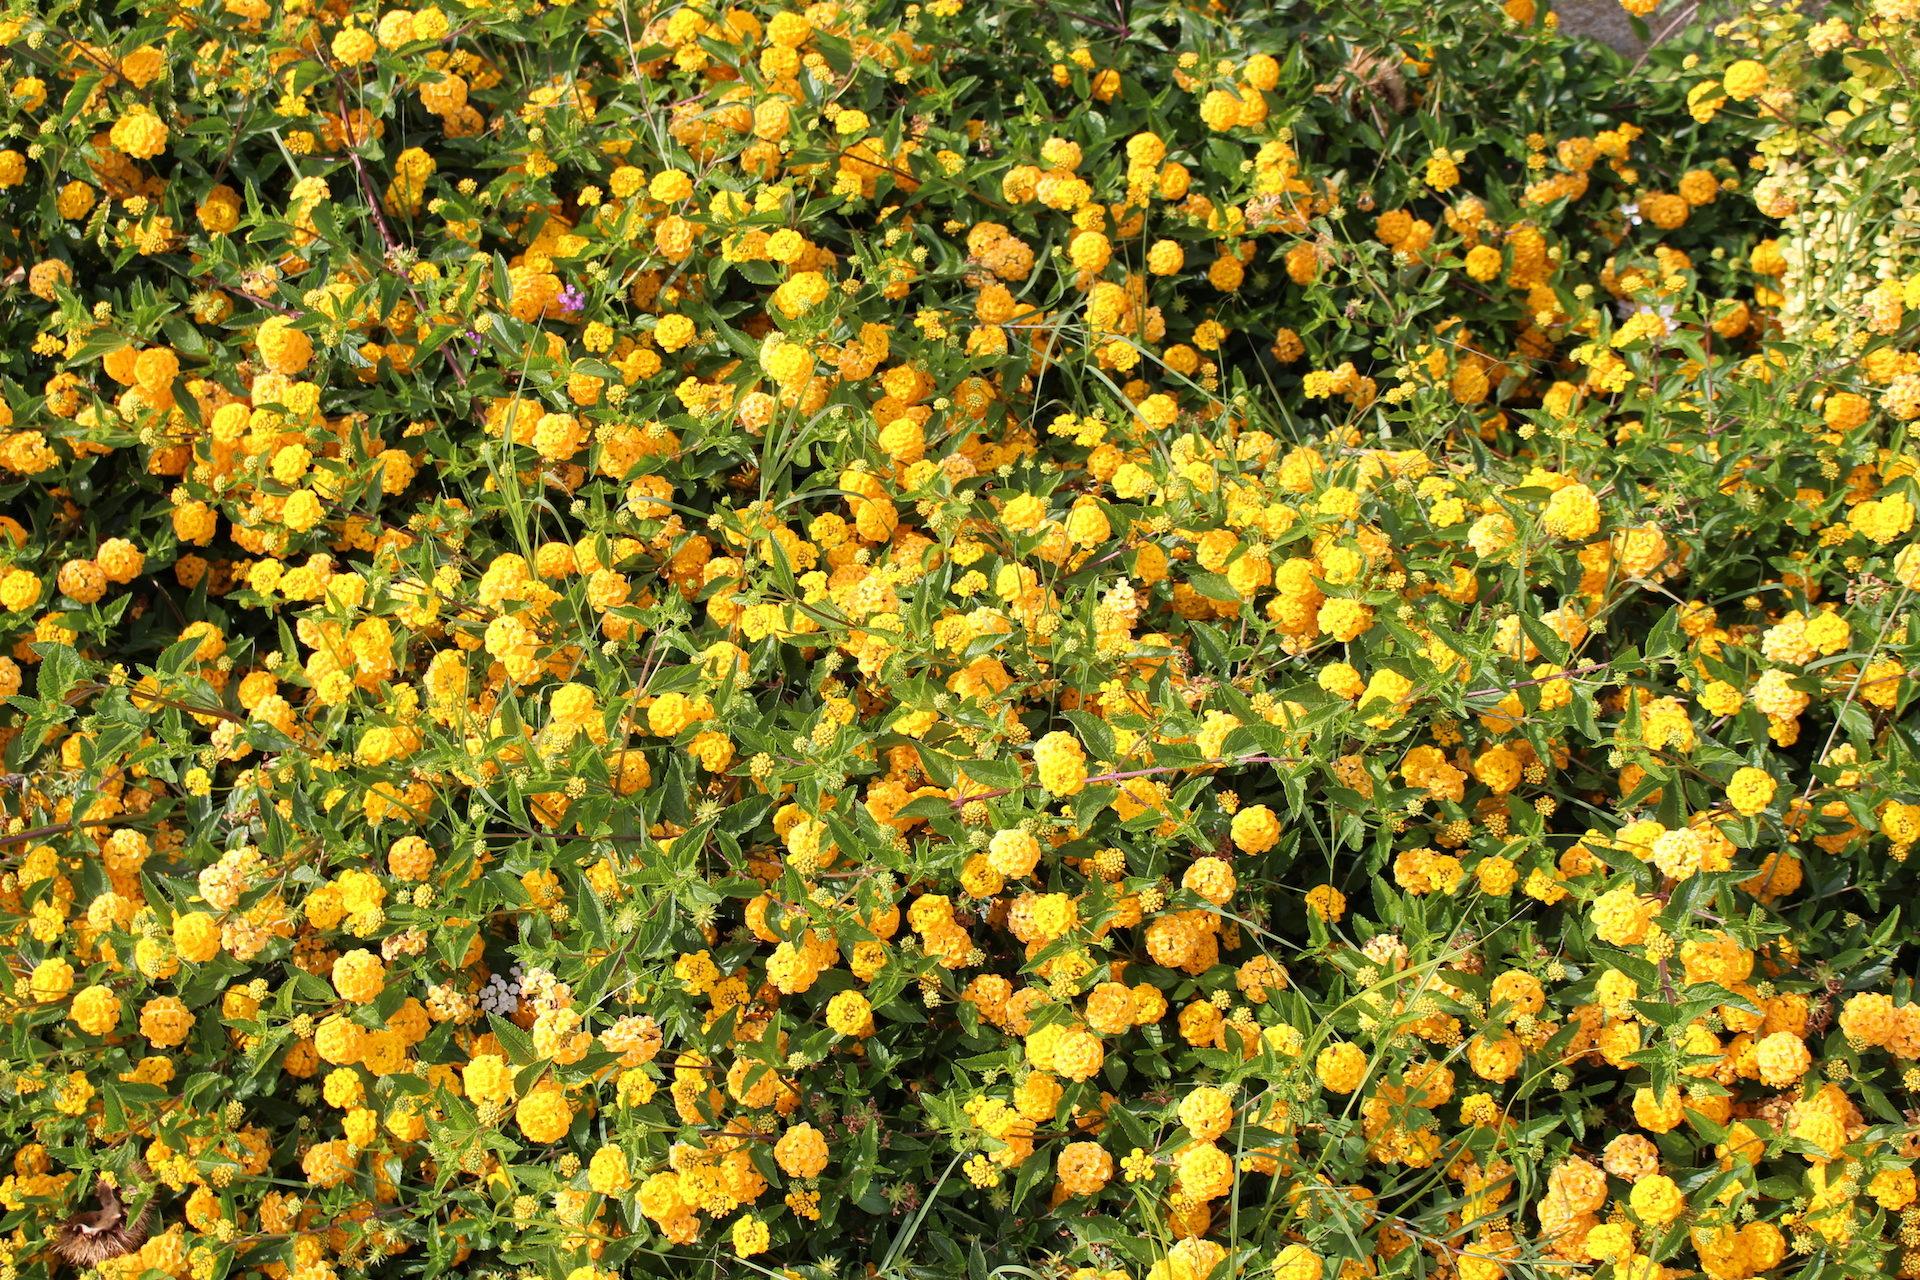 Цветы, растения, изобилие, Рамос, Жёлтый - Обои HD - Профессор falken.com